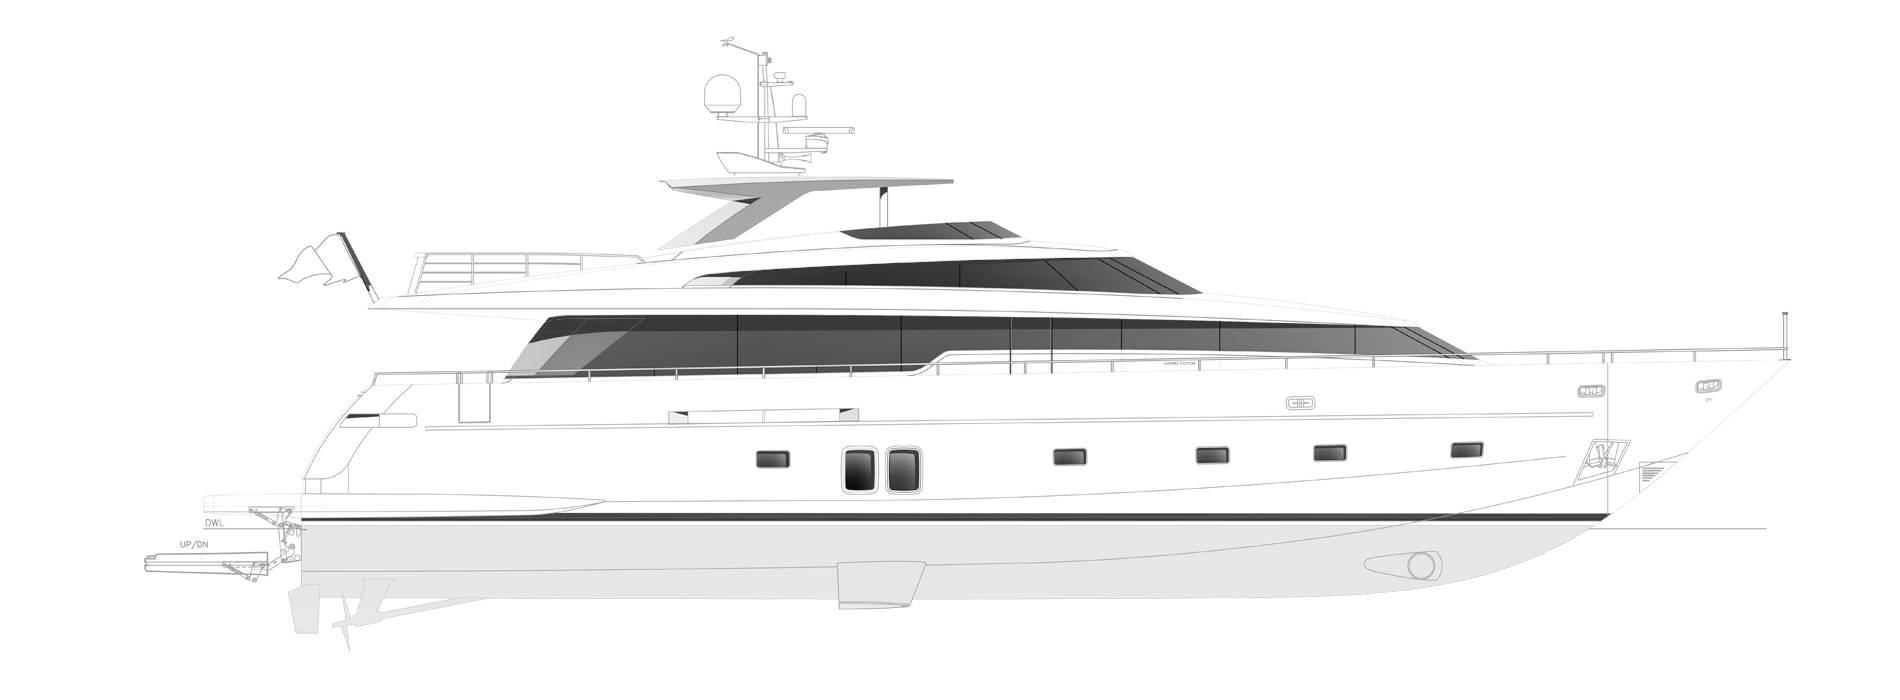 Sanlorenzo Yachts SL96-631 under offer Профиль